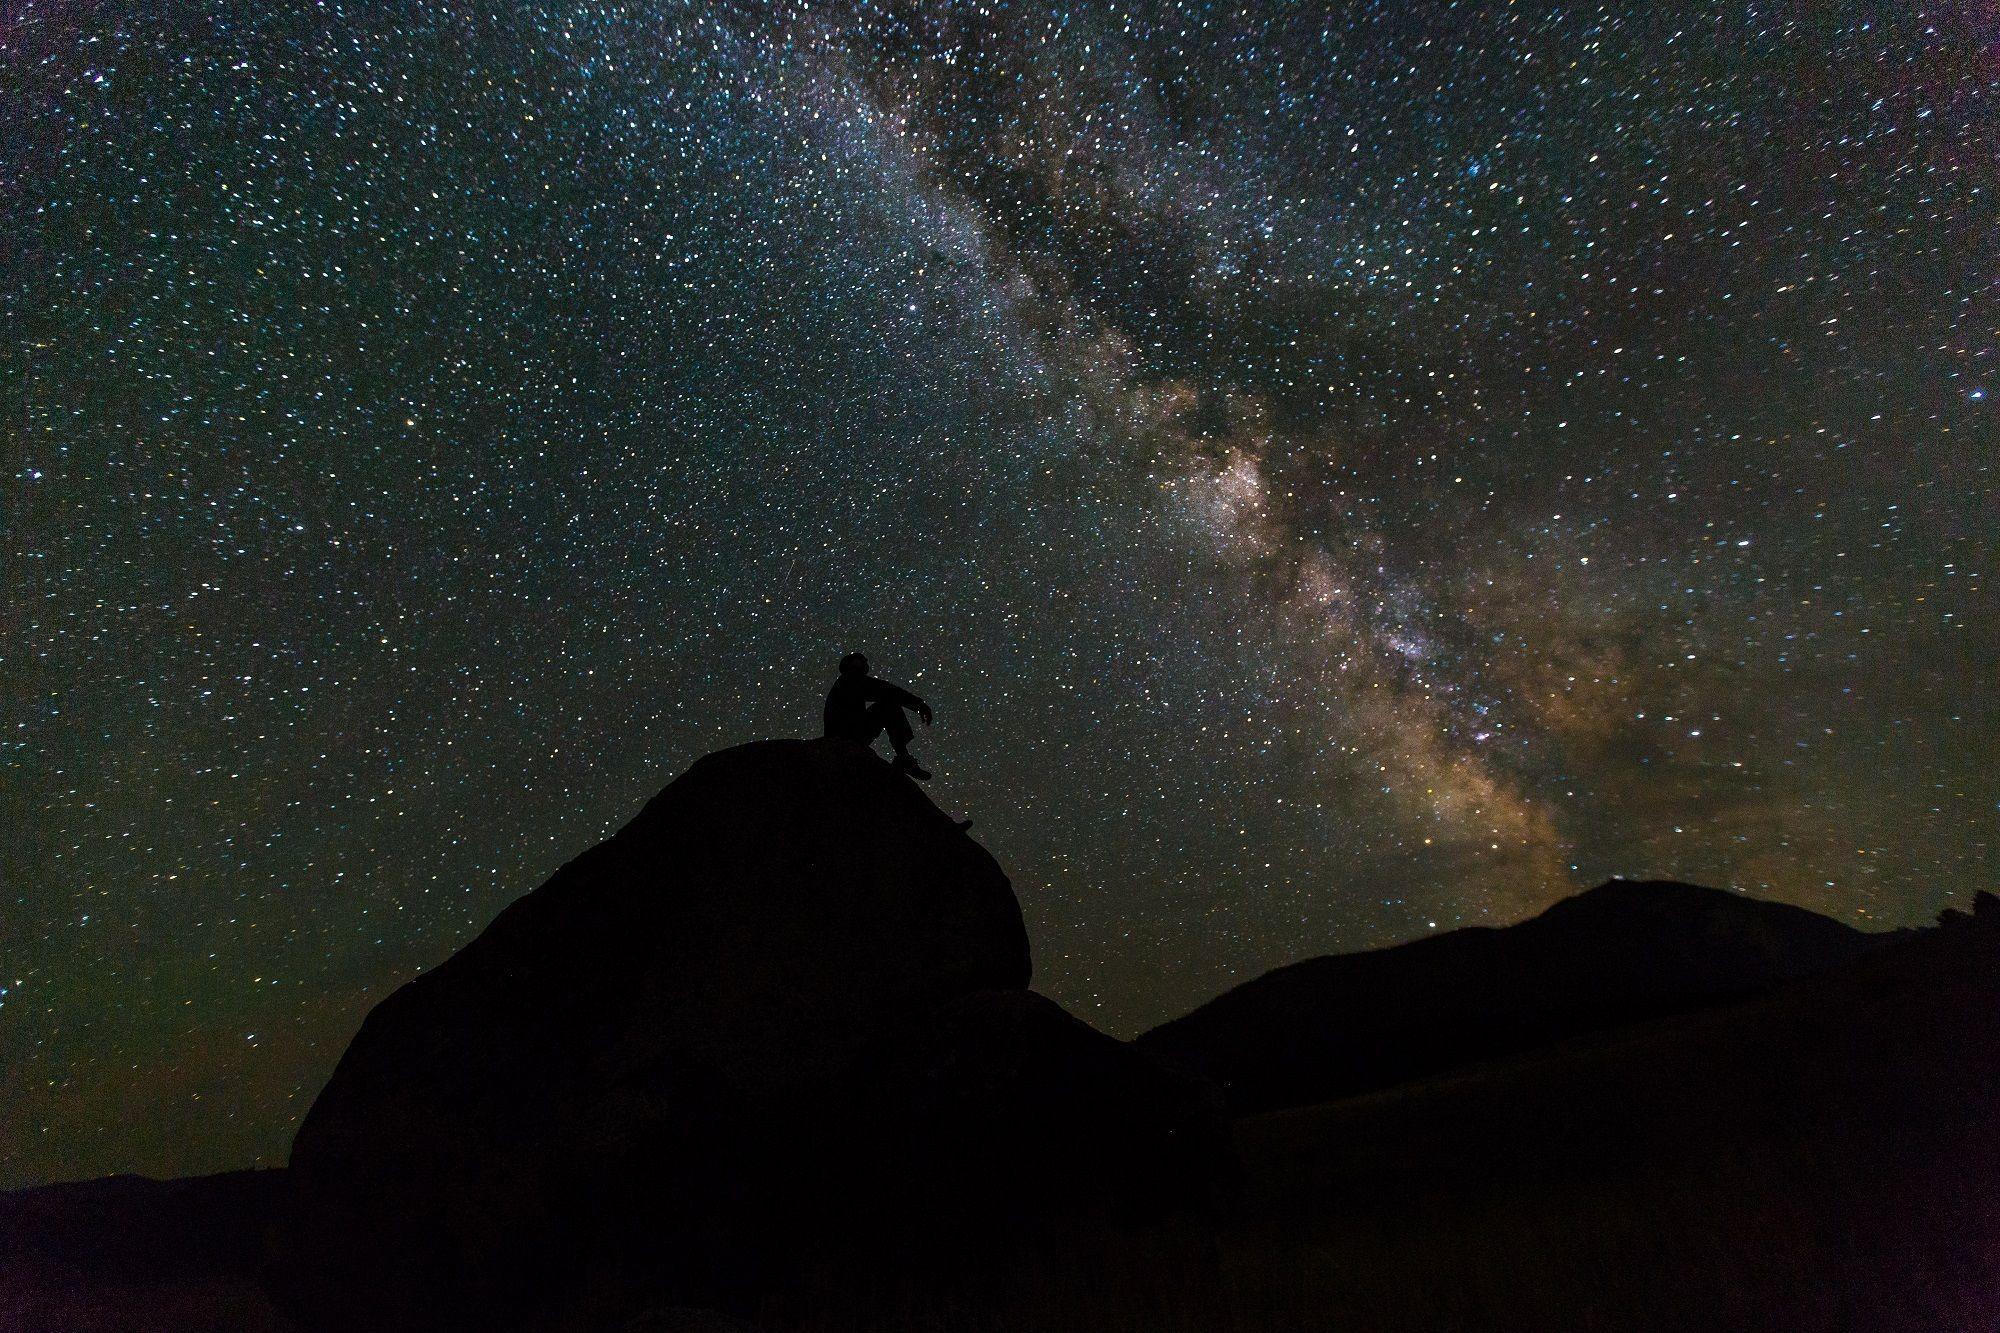 Jornadas de AstroTurismo en Gredos… 25, 26 y 27 de Octubre